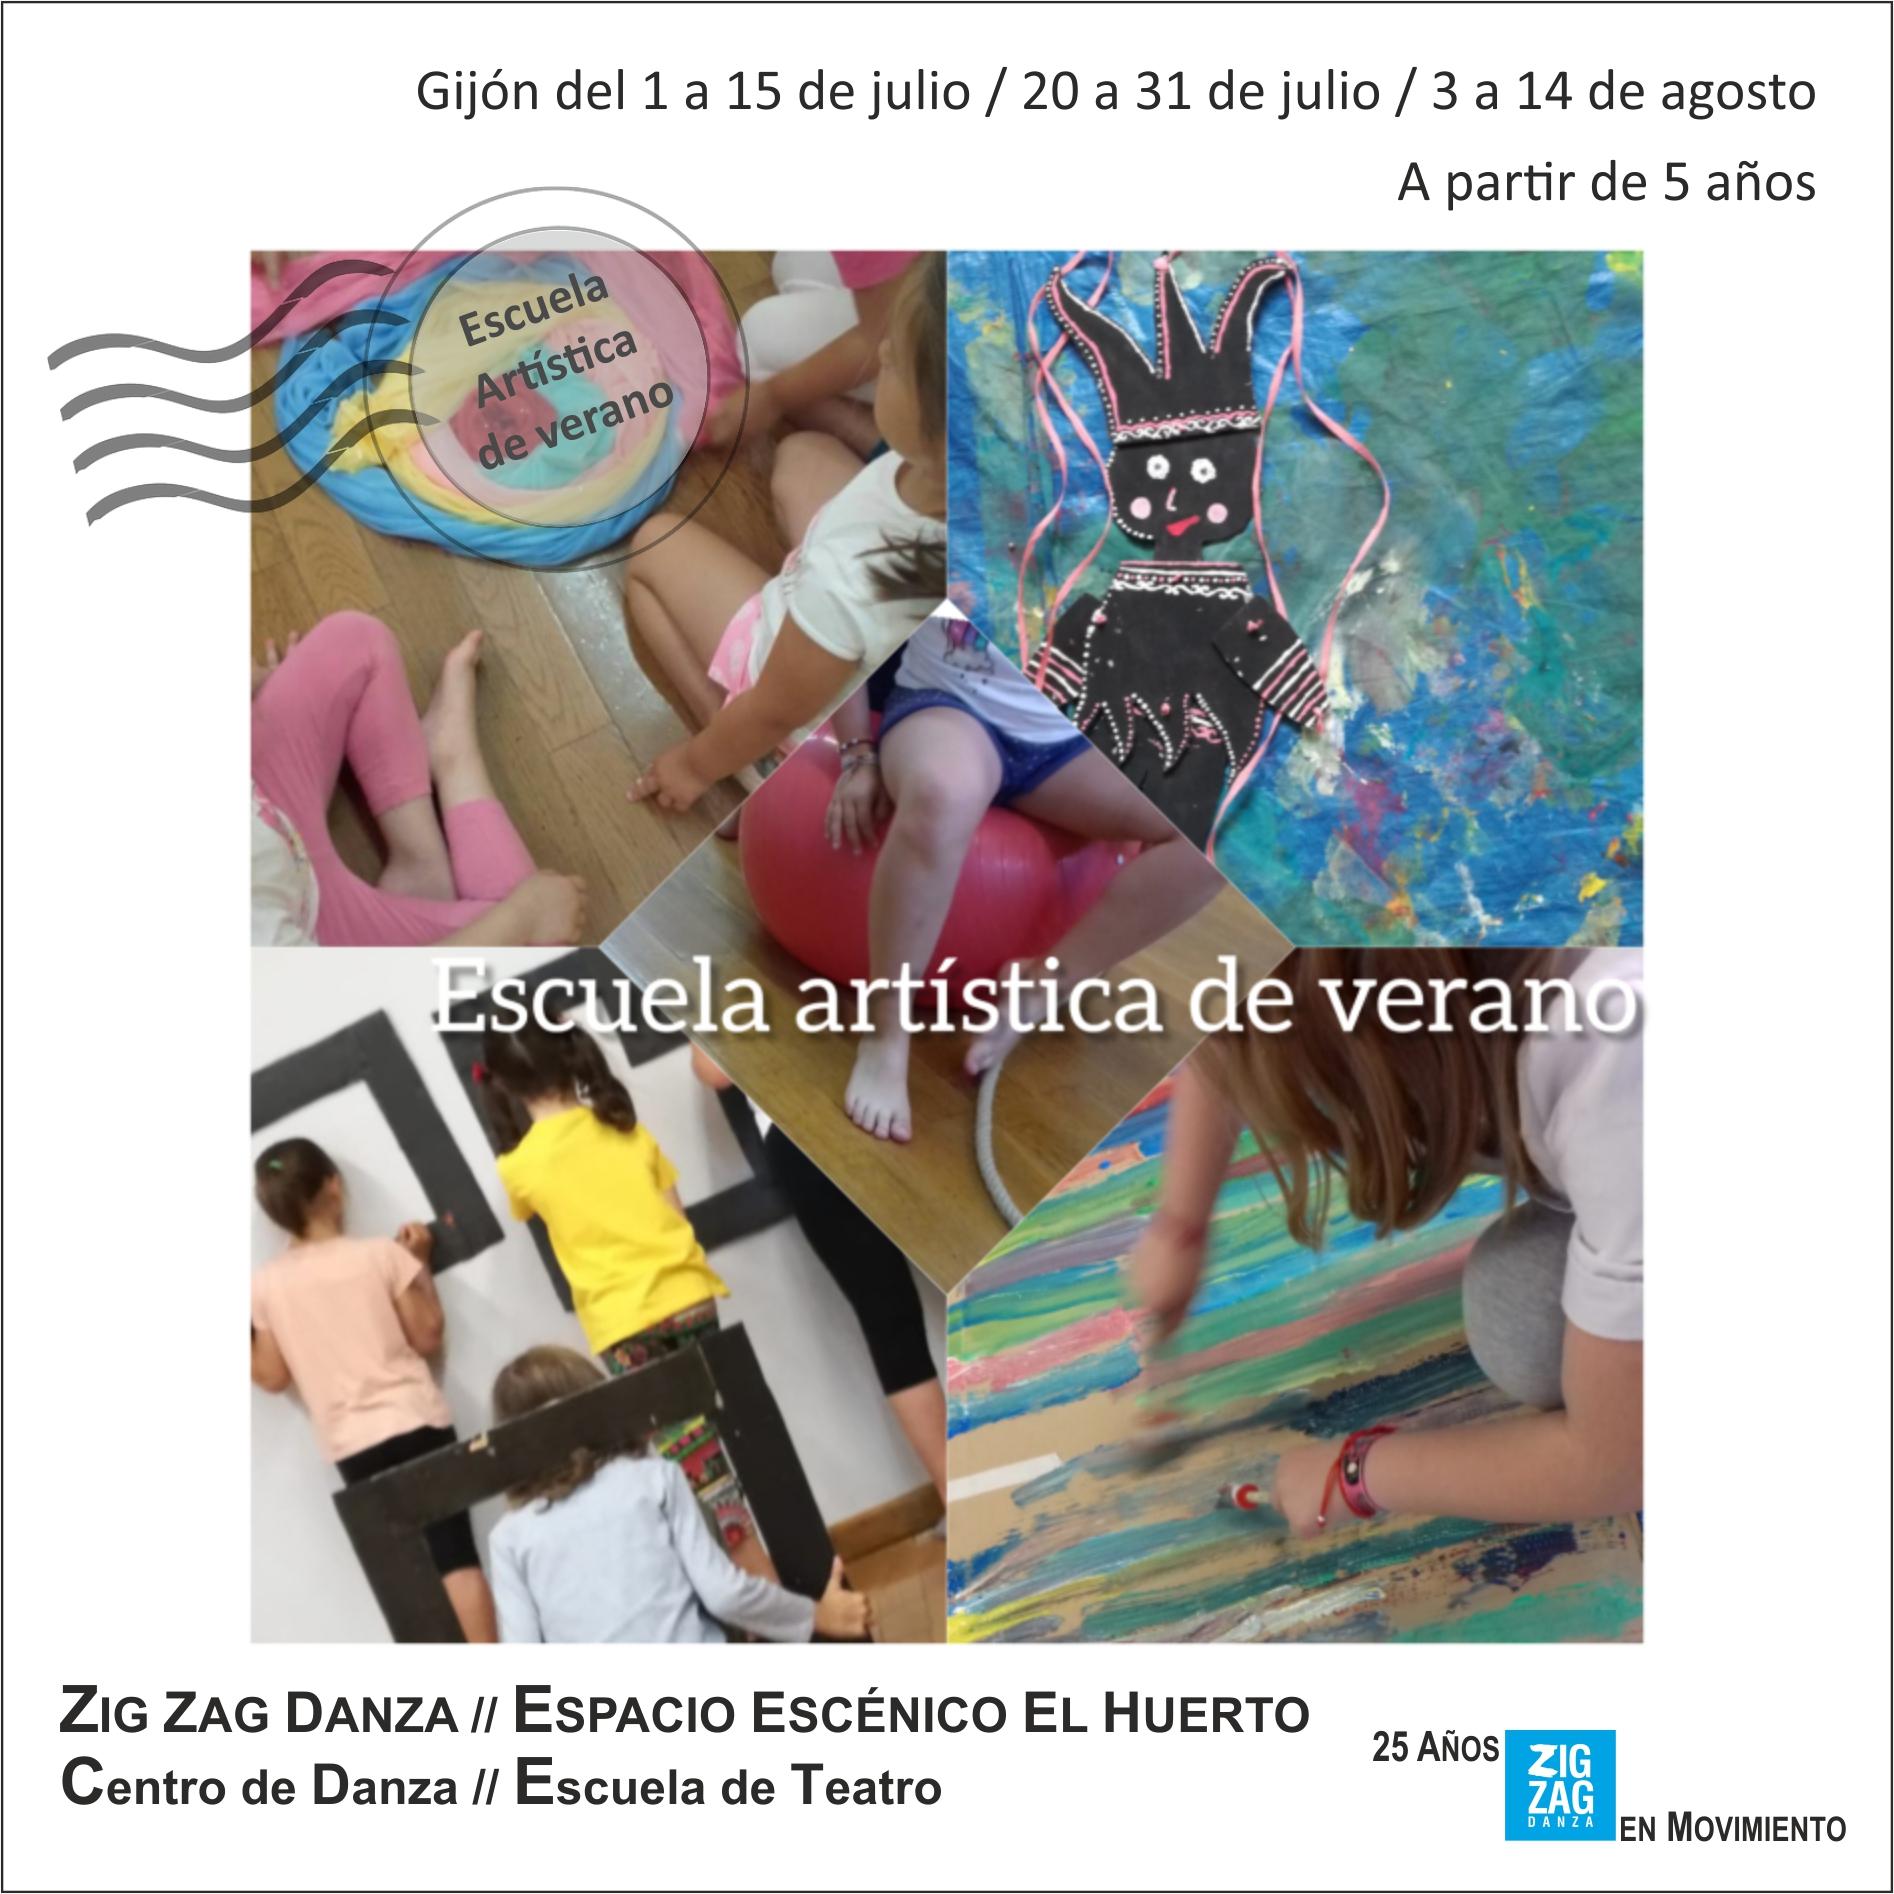 Escuela de verano Zig Zag Danza